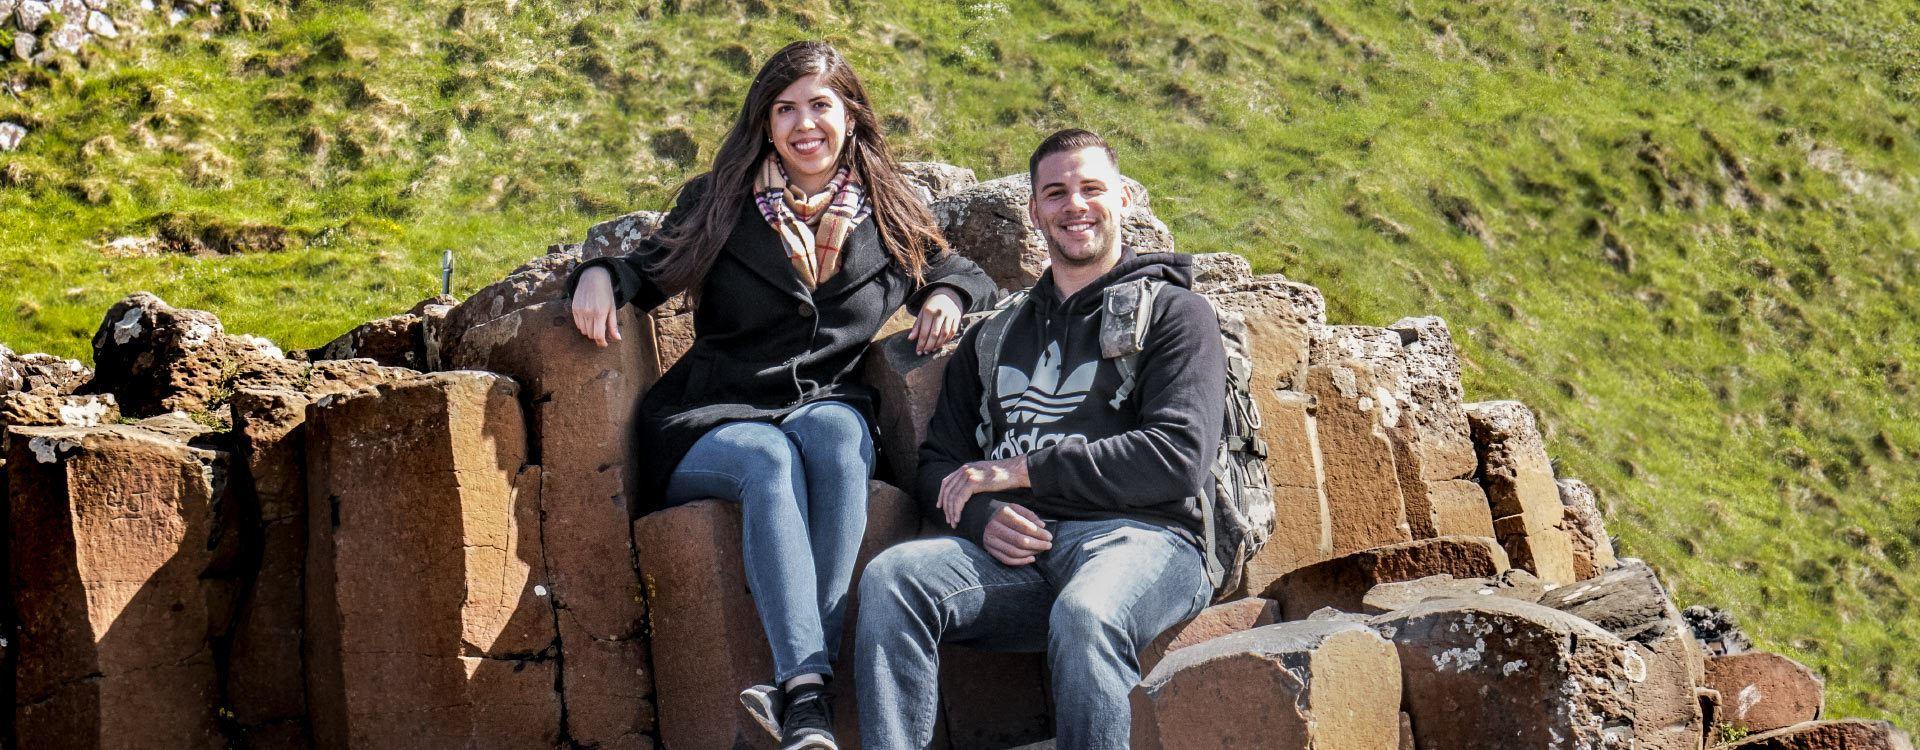 Giant's Causeway Tagesfahrt für Kleingruppen ab Dublin